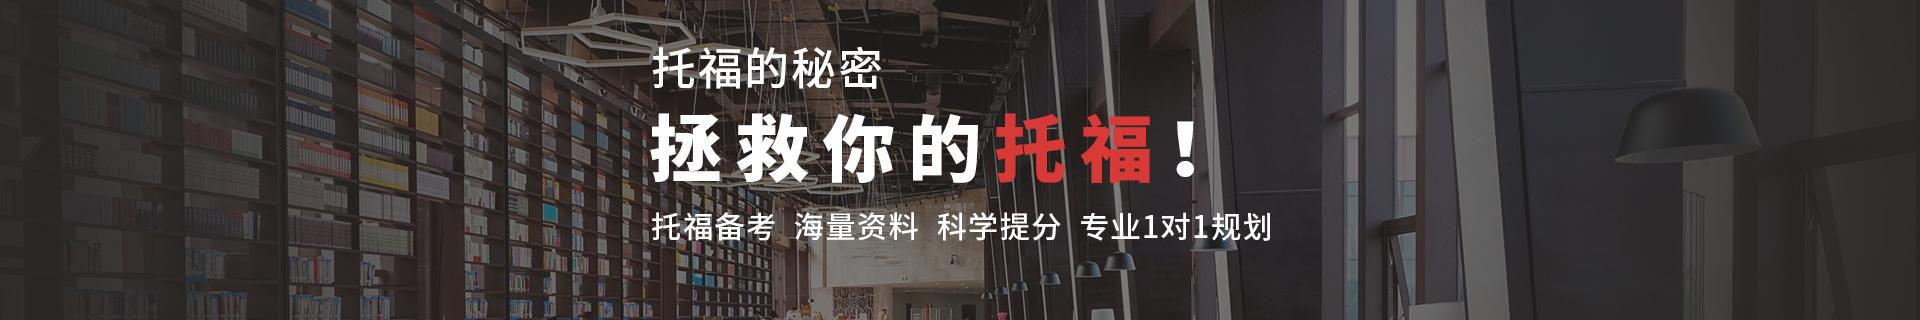 北京出国考试美联英语培训